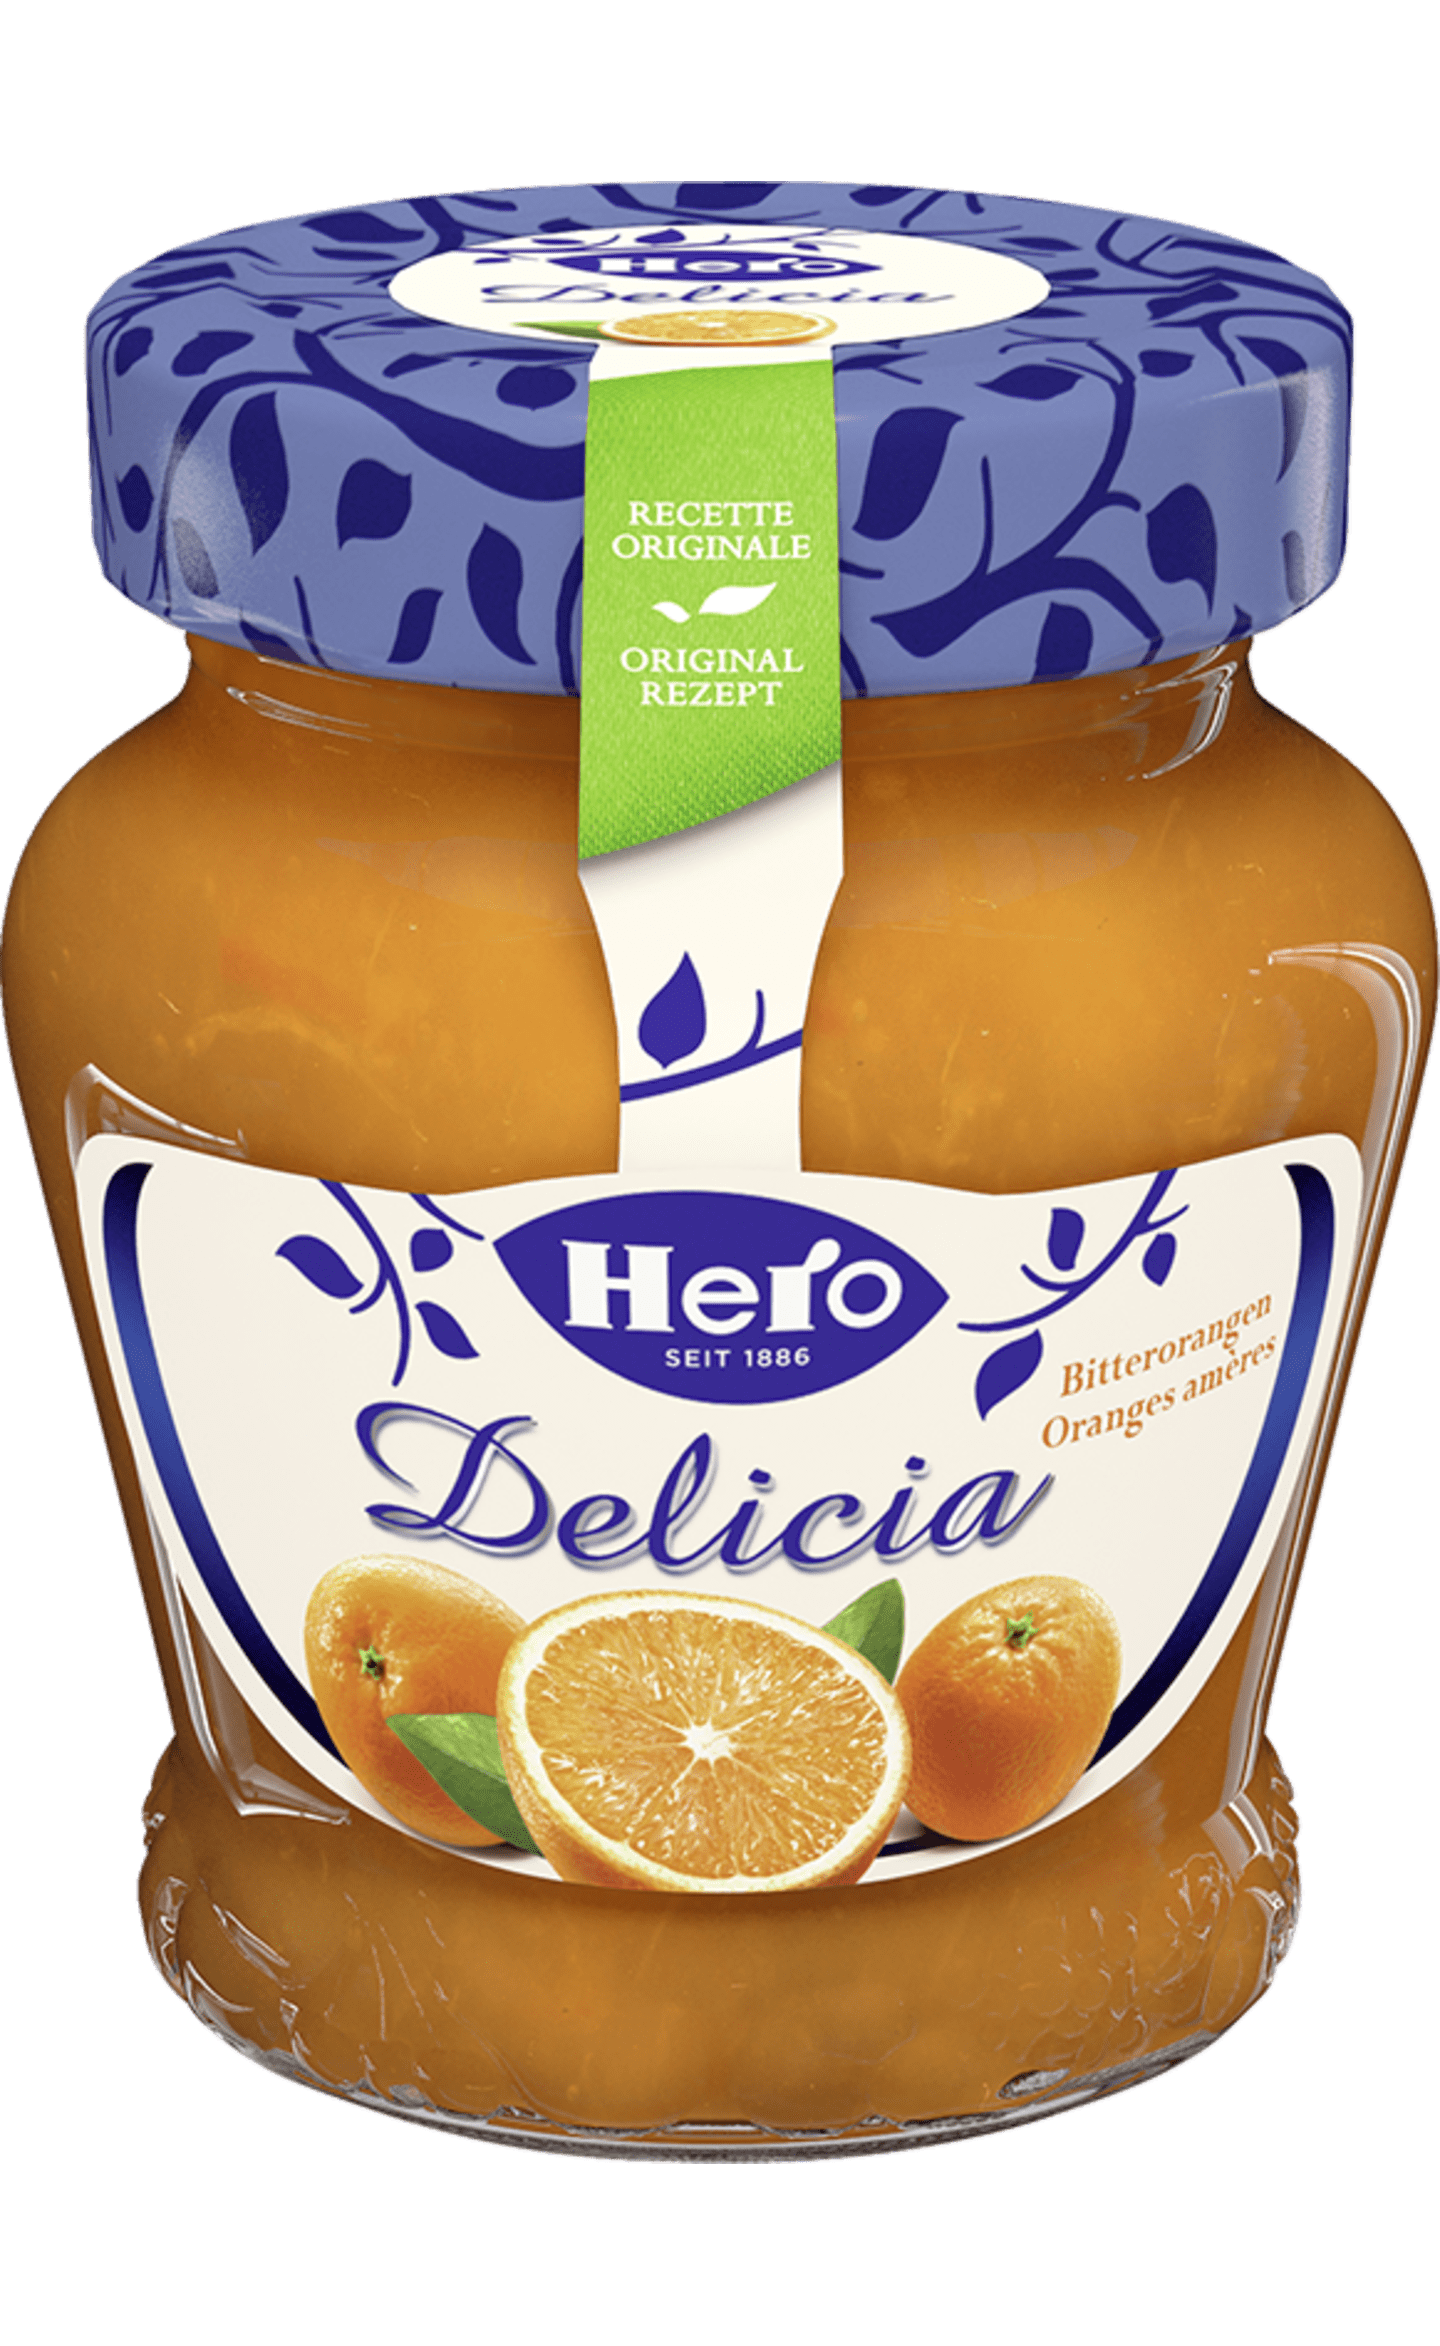 Delicia Bitterorange